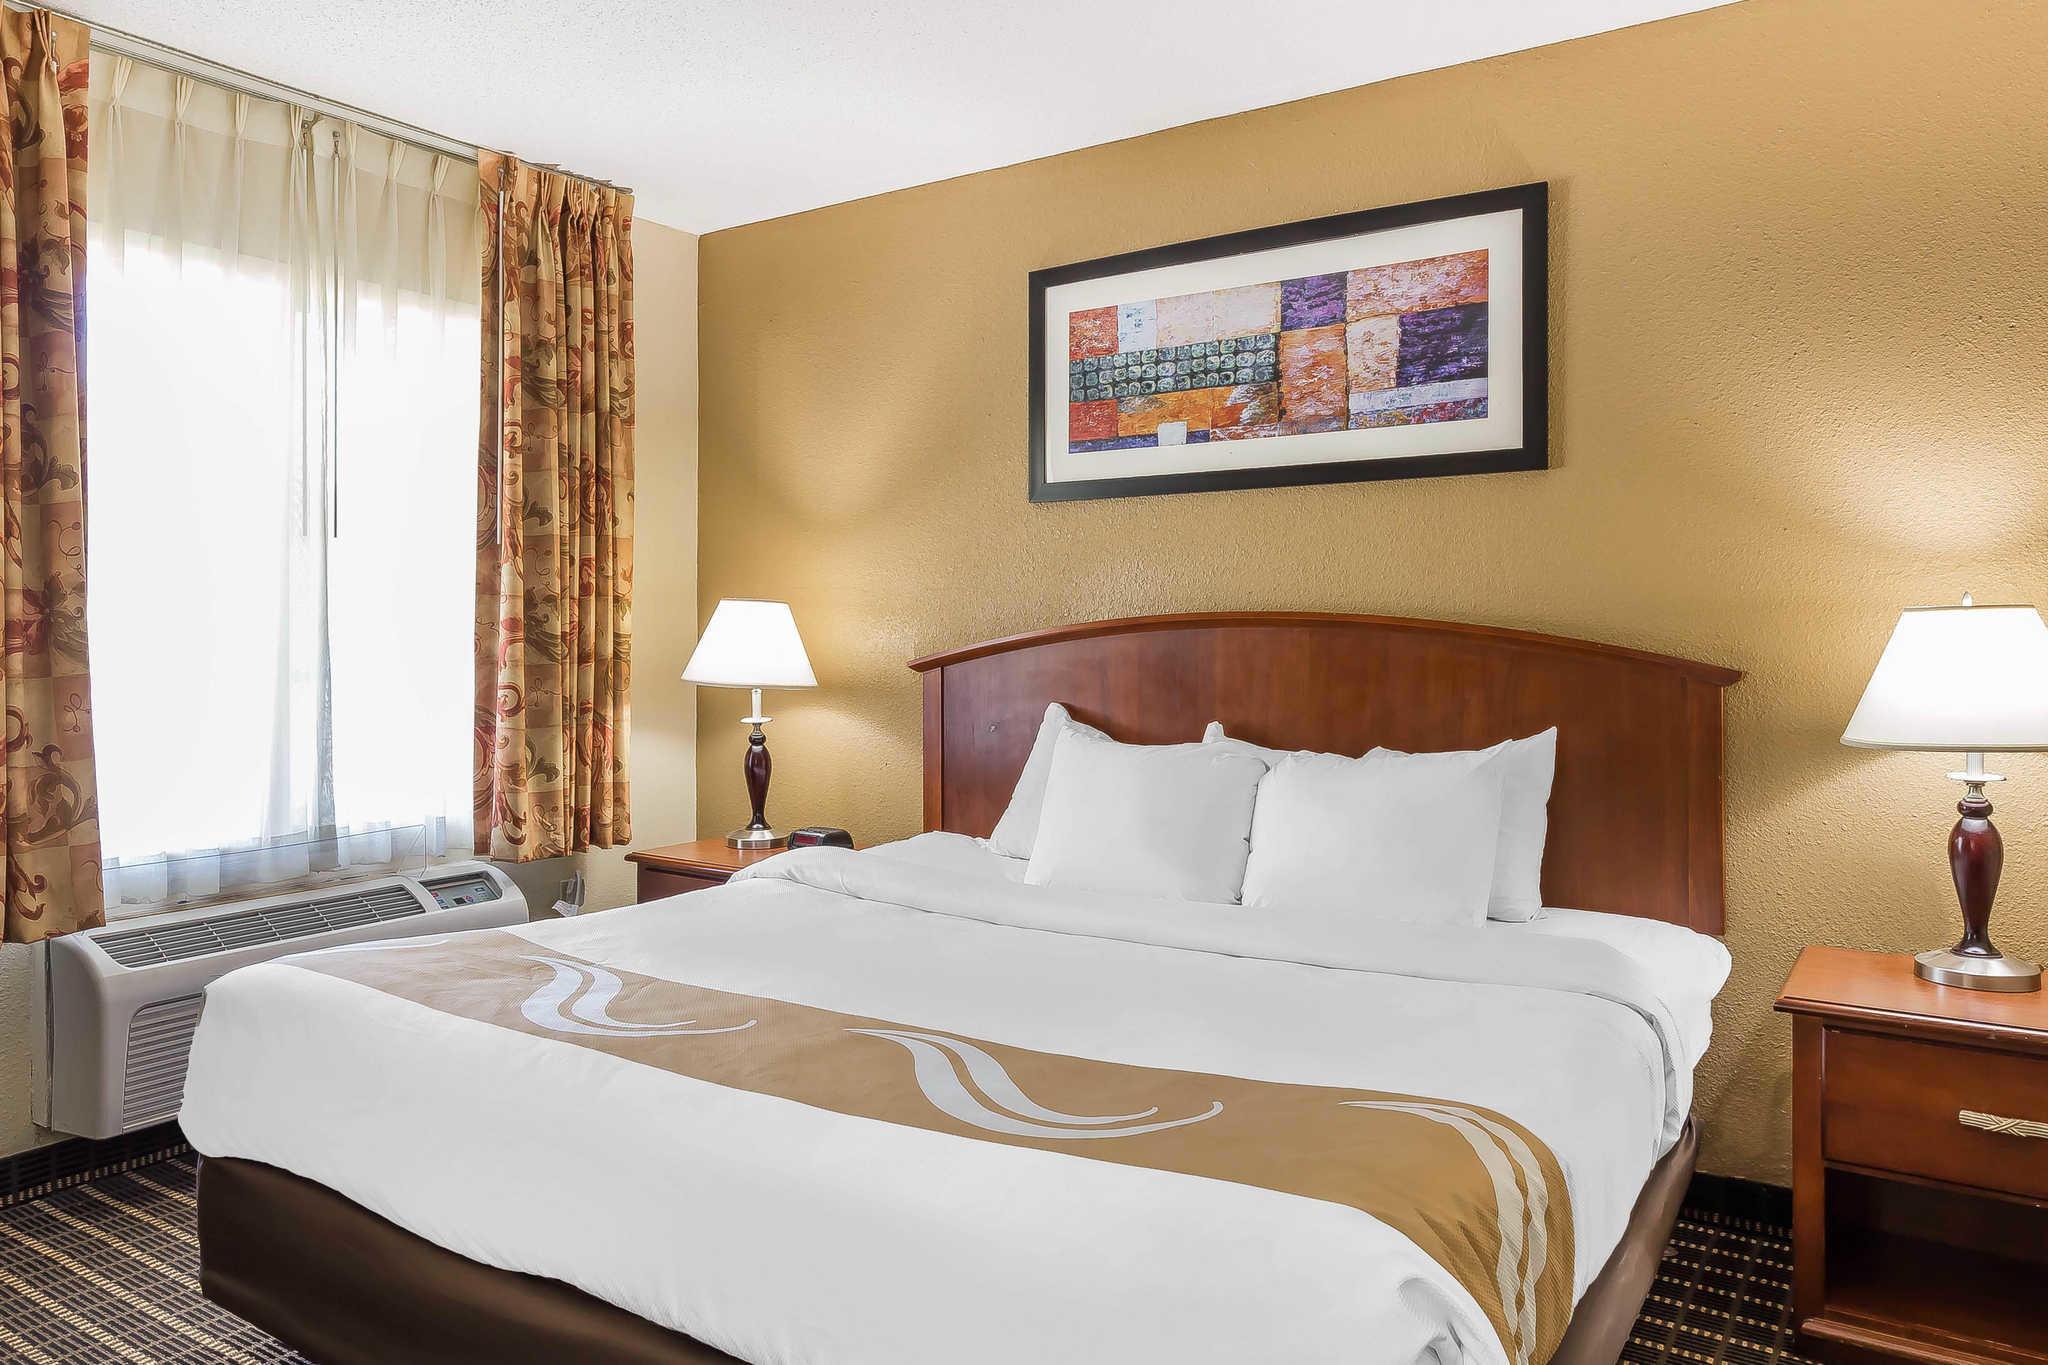 Quality Inn & Suites River Suites image 7